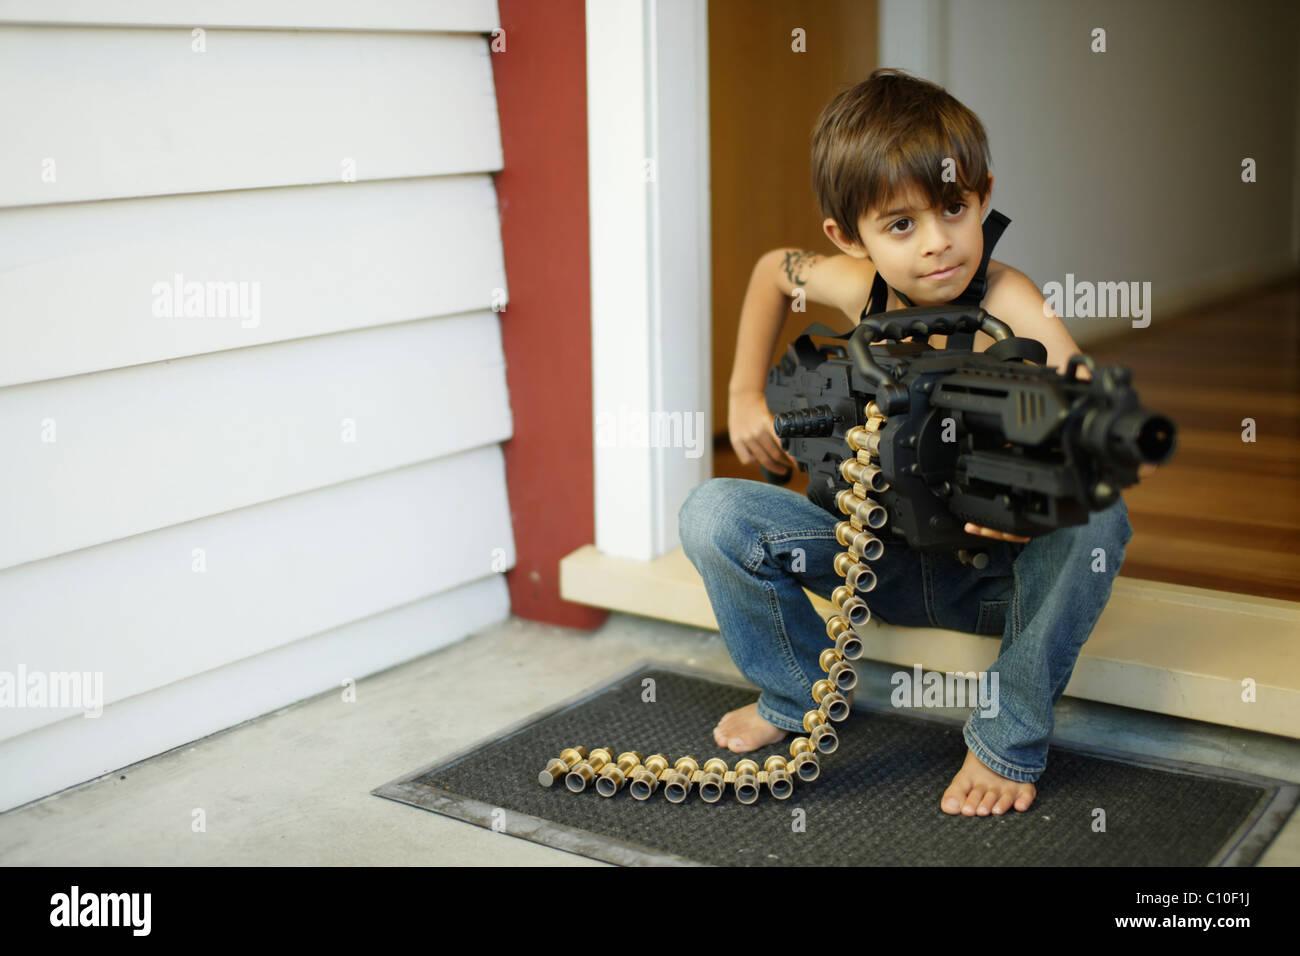 Sept ans garçon est assis sur le démarchage holding toy machine gun Photo Stock